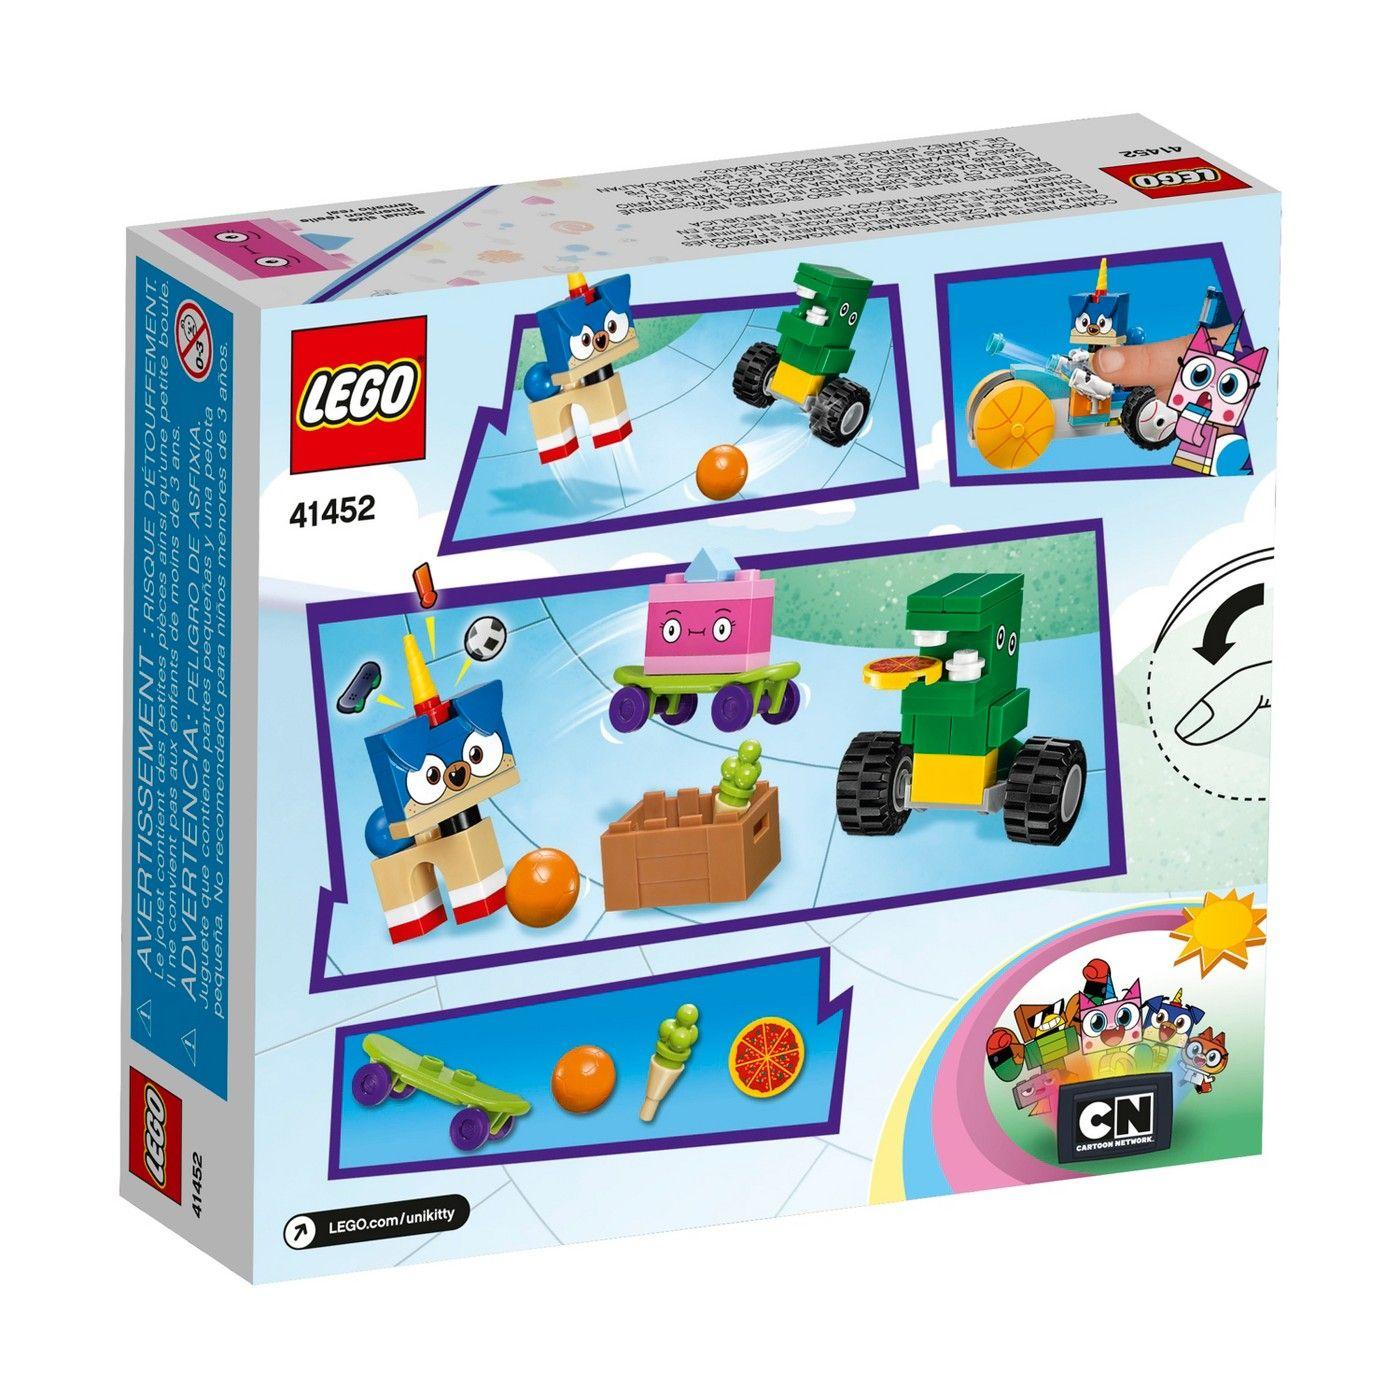 Lego Creator 31085 Unikitty 2